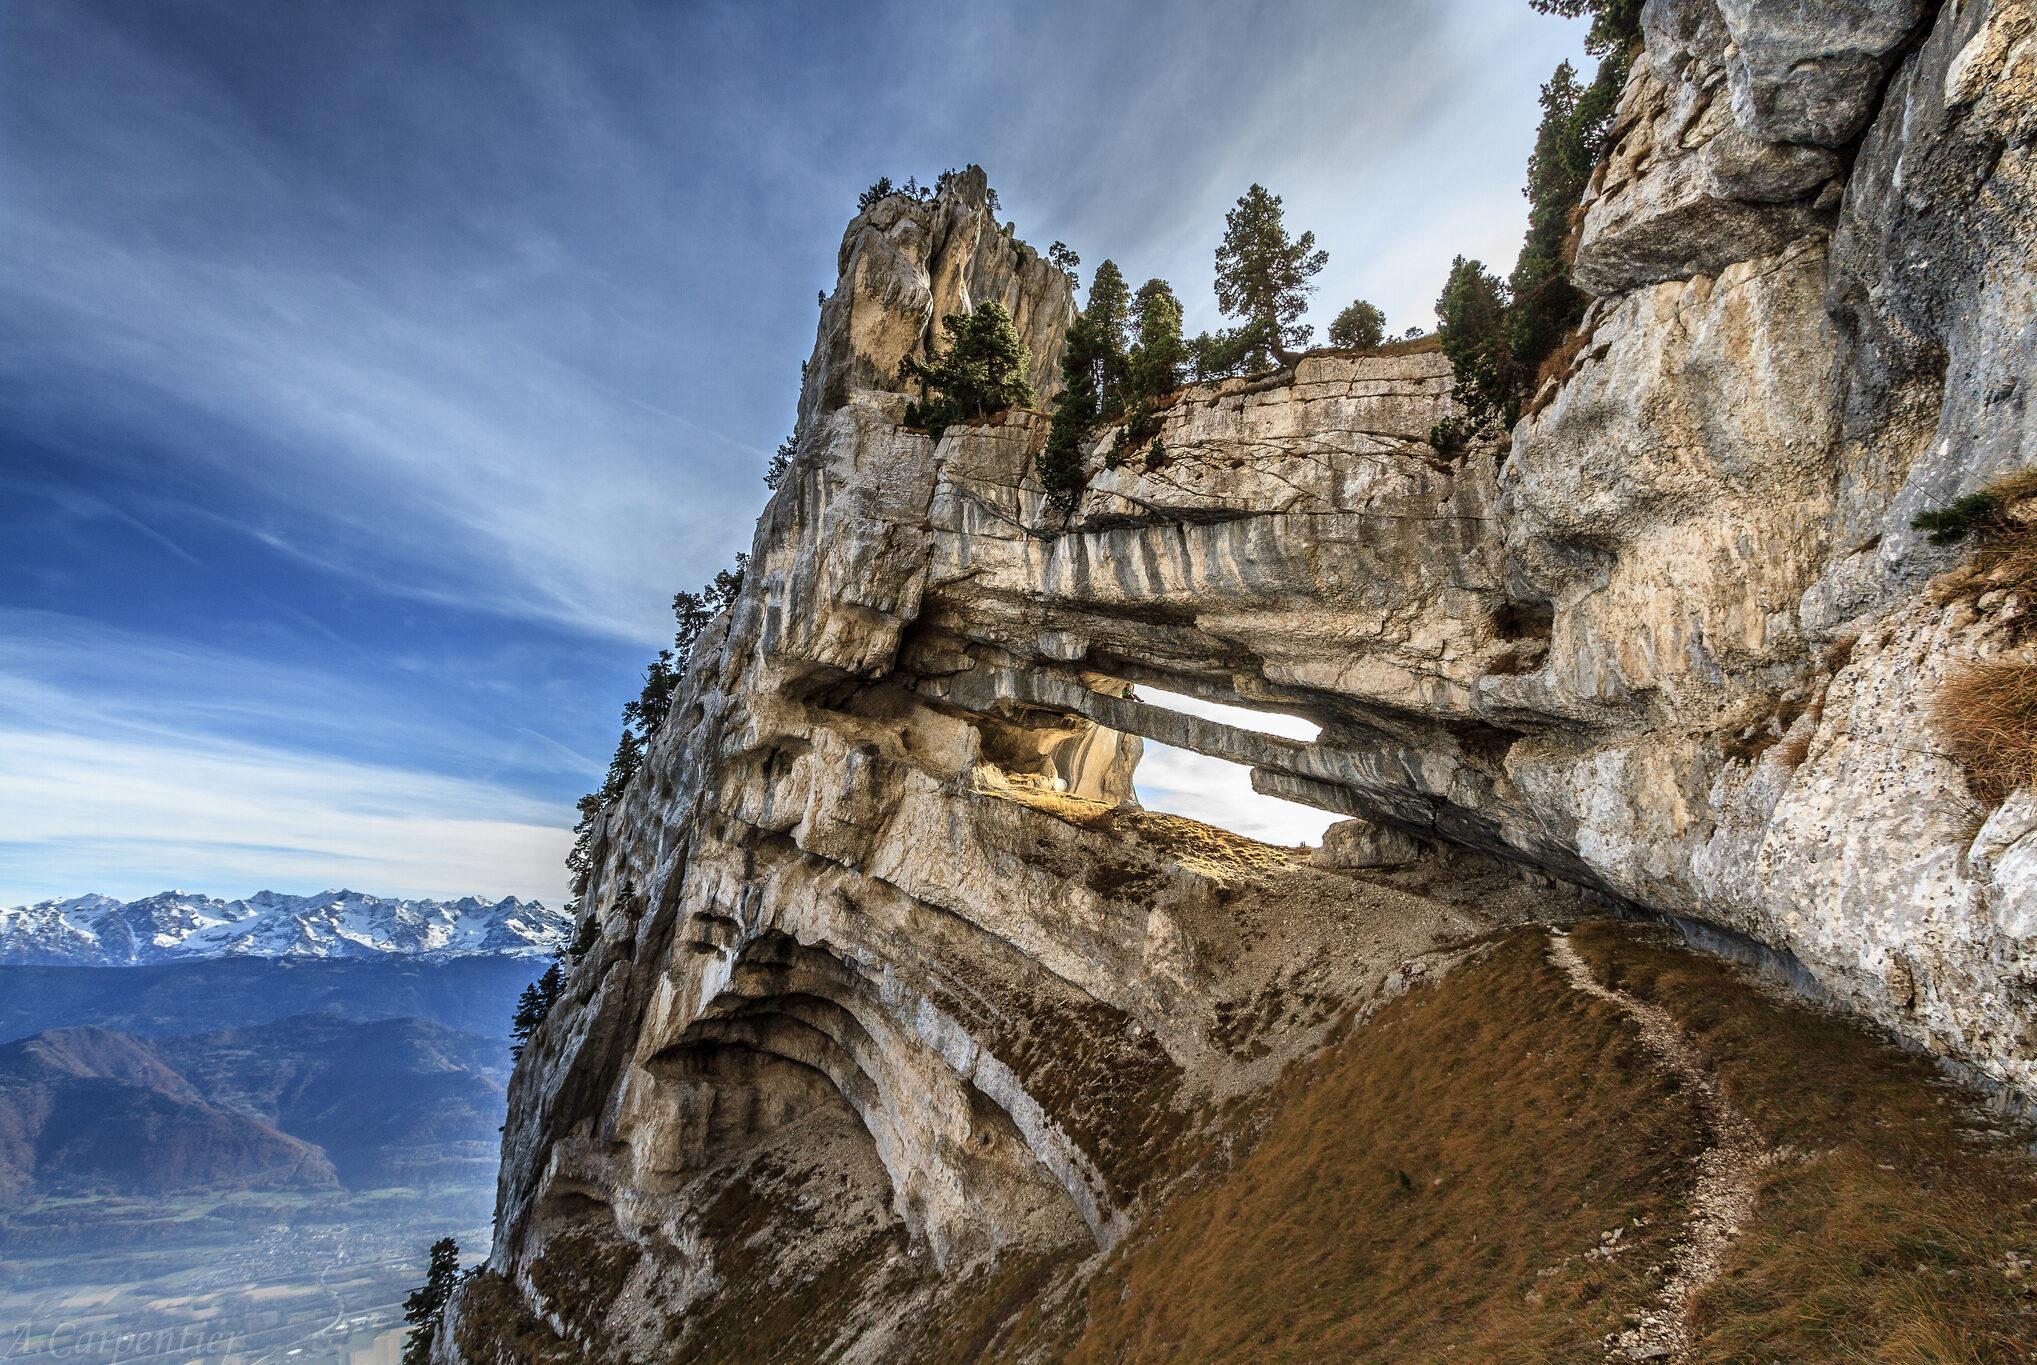 Tour Isabelle e1613417616805 - Parc Naturel Régional de la Chartreuse-Isère-Savoie-France